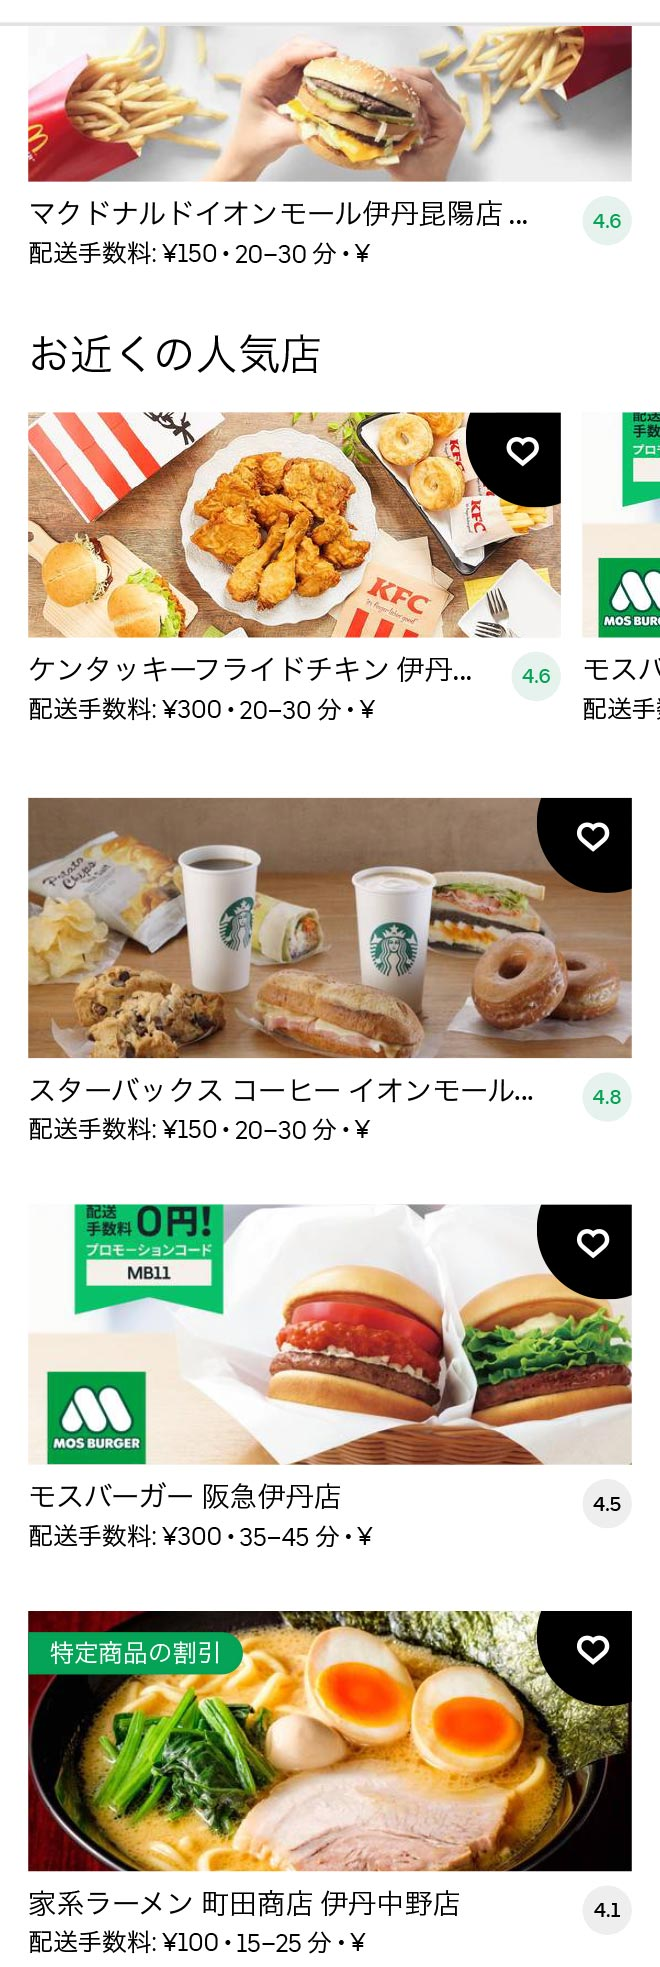 Itami nakano menu 2011 01